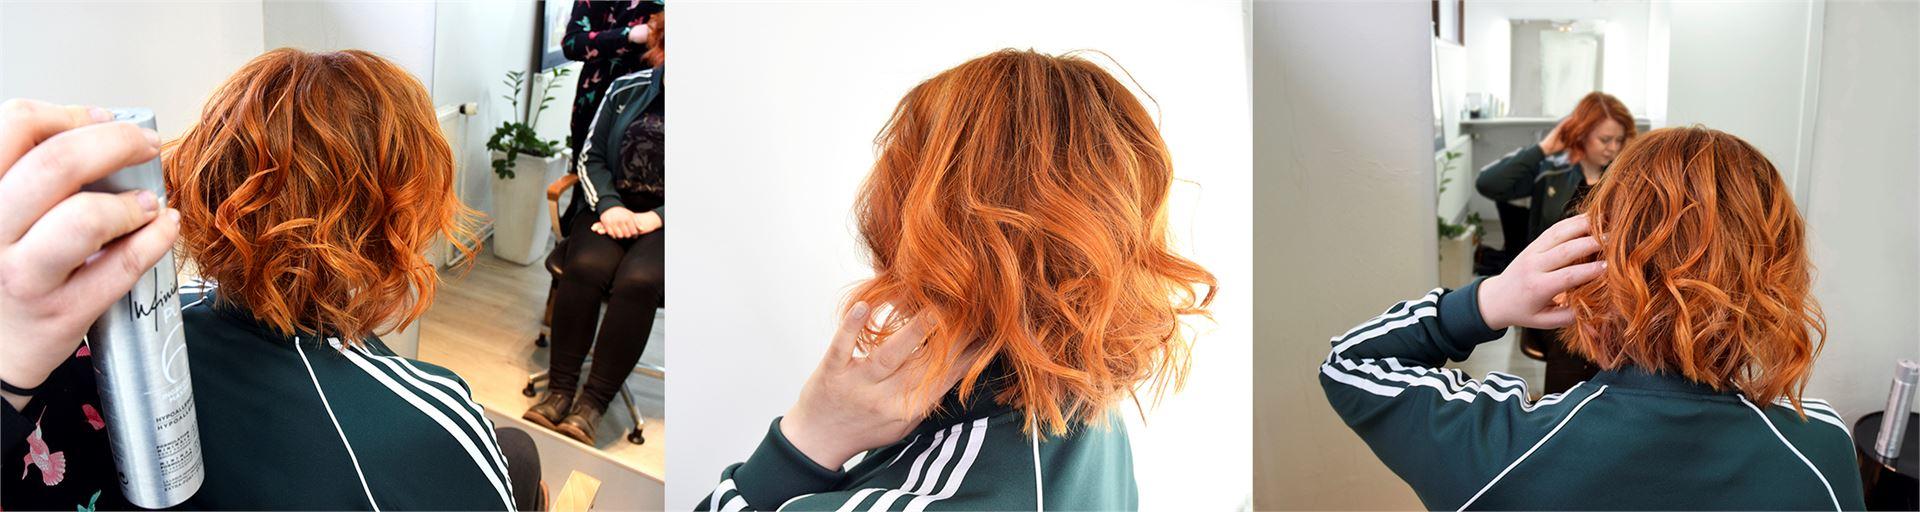 Laineet on hyvä viimeistellä hiuslakalla, niin kiharakampaus kestää. Kuvan hiukset on kiharrettu muotoiluraudalla. Iida oli tyytyväinen siihen, että päätti toteuttaa keväthiuksensa ammattilaisen käsissä kampaamossa.